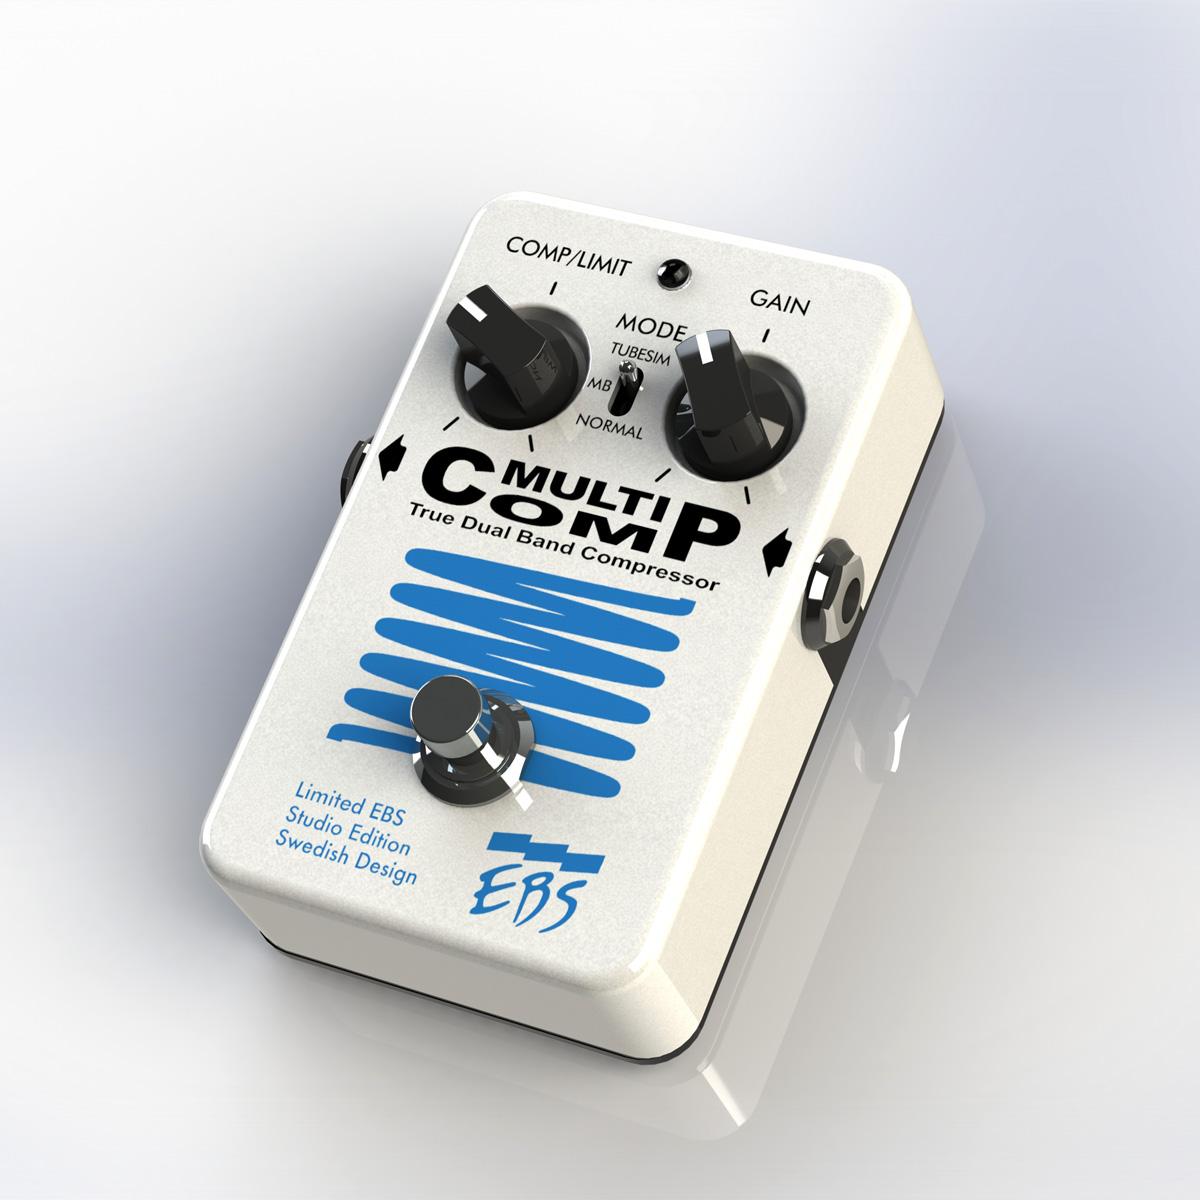 【600台限定】EBS MultiComp Studio Edition Limited Pearl White Edition 新品 コンプレッサー[マルチコンプ][Compressor][Effector,エフェクター]